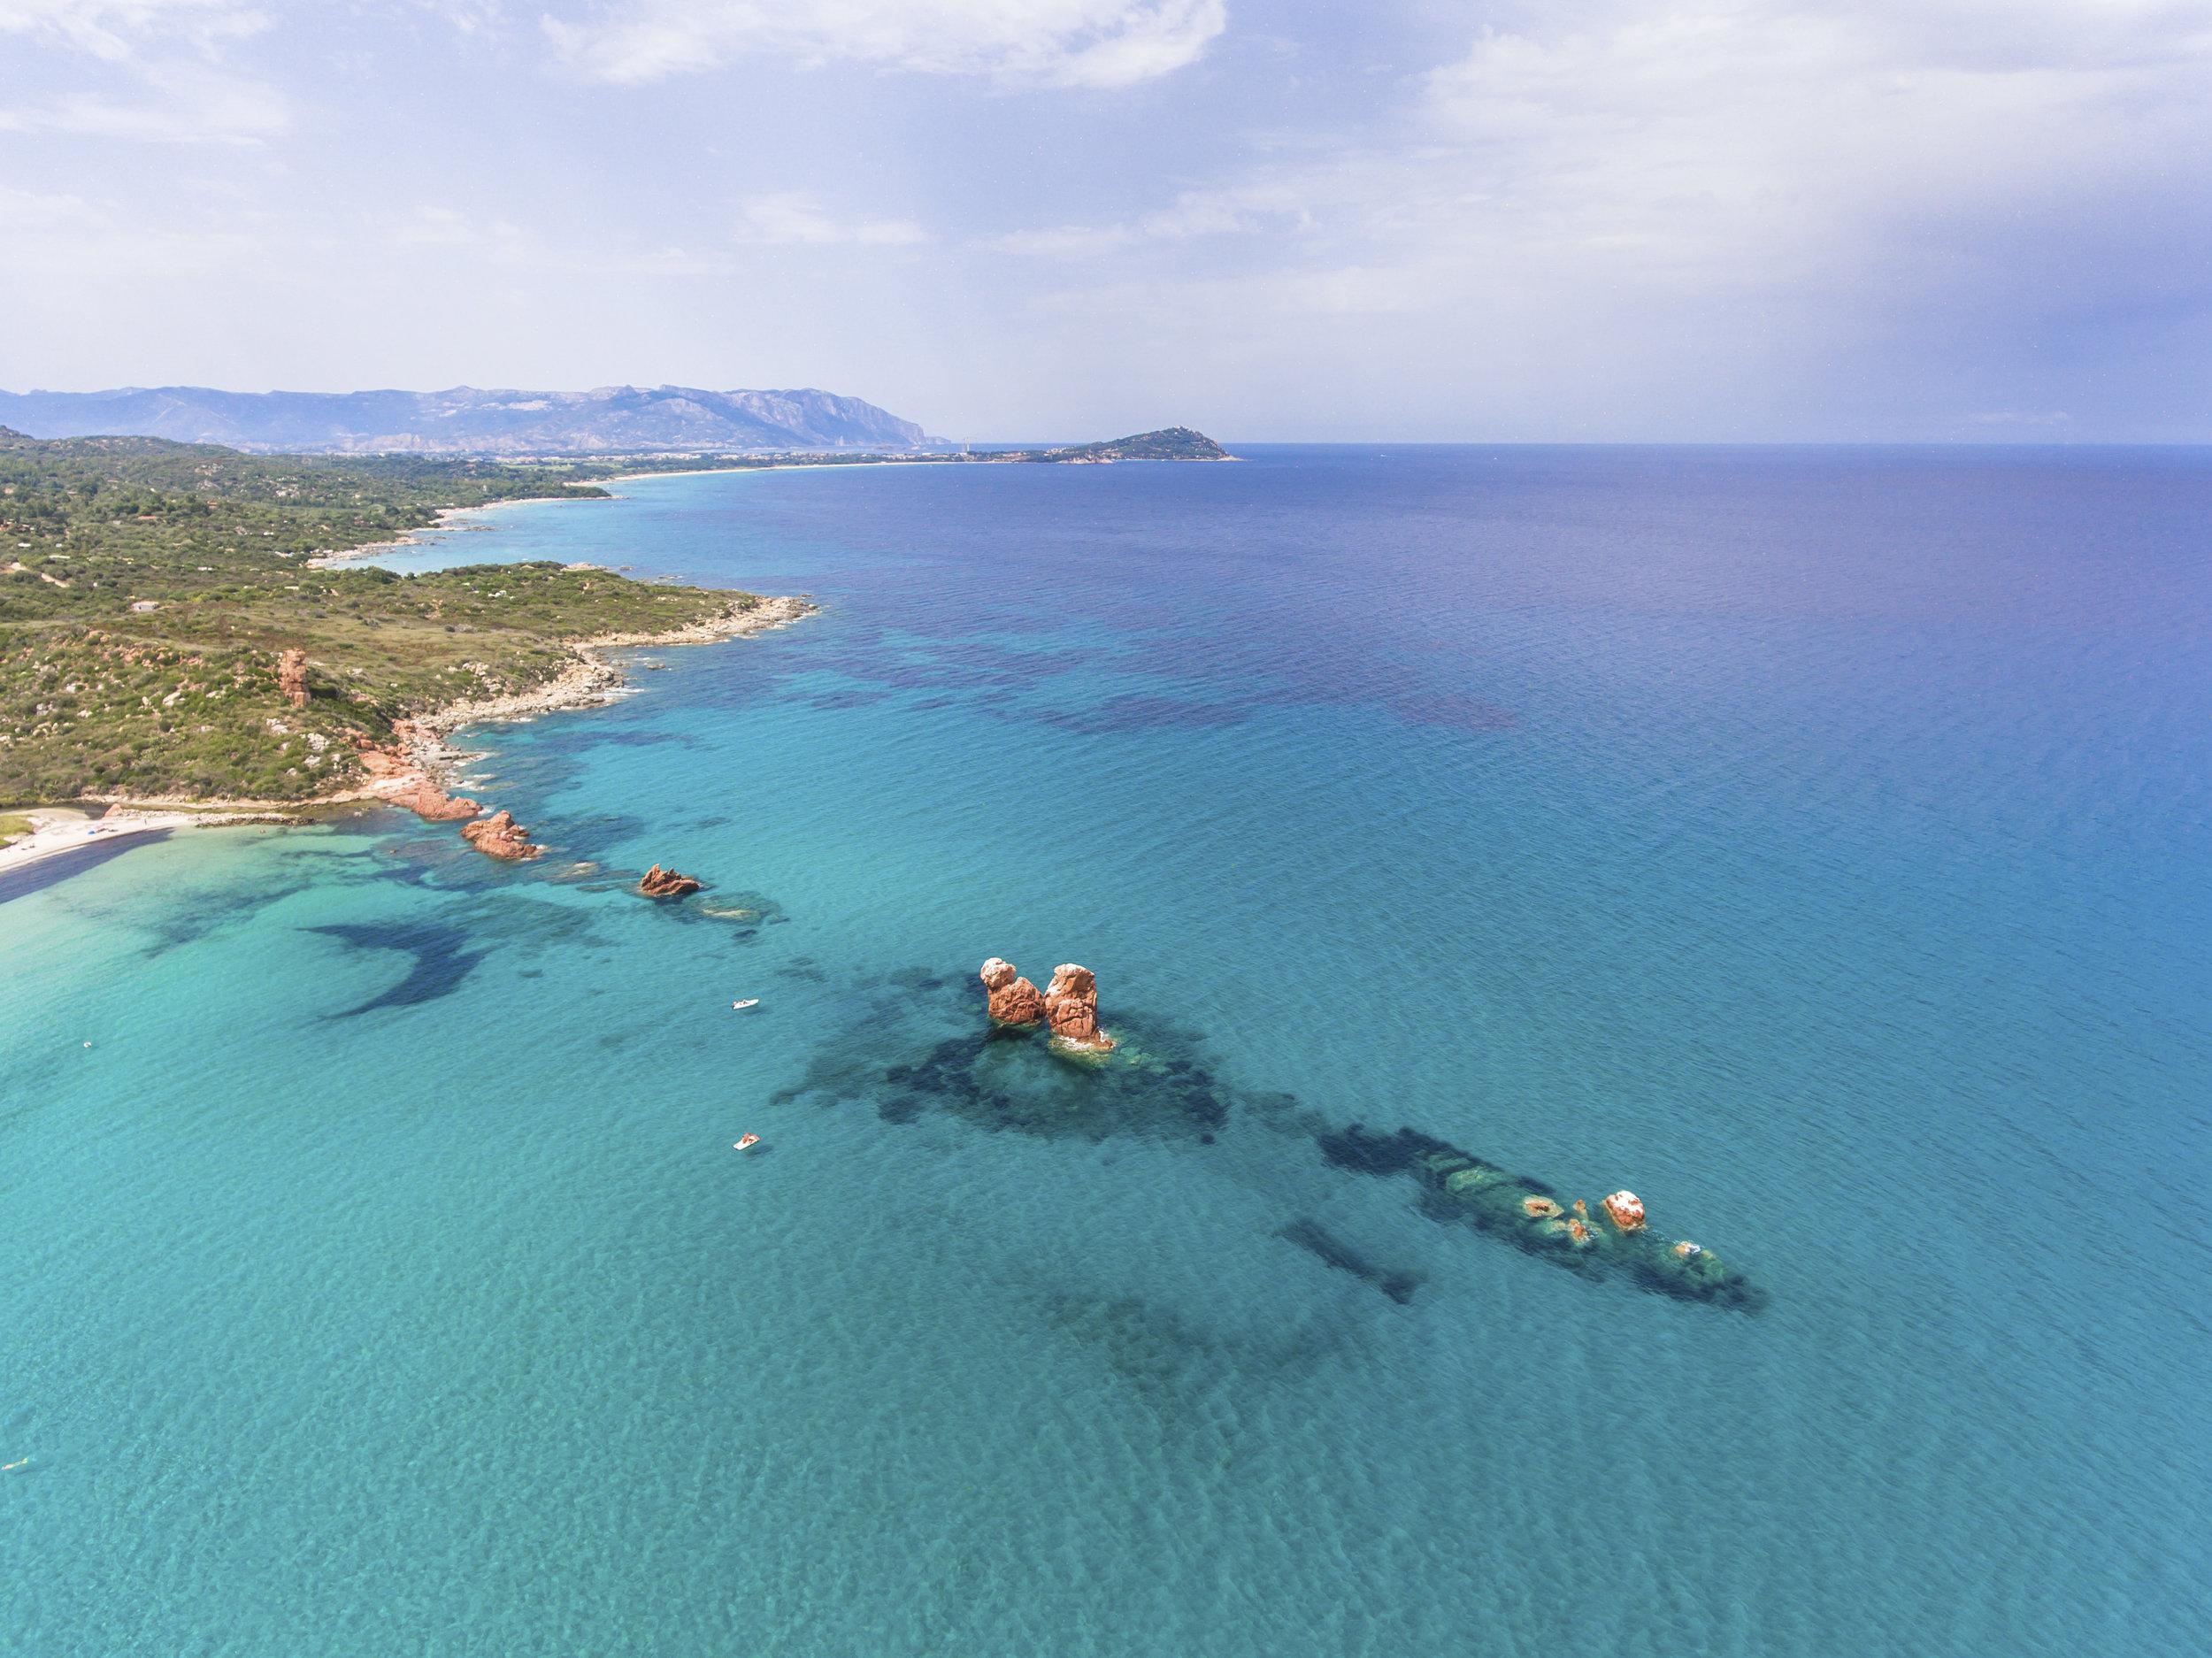 Cena beach rocks - Sardinia